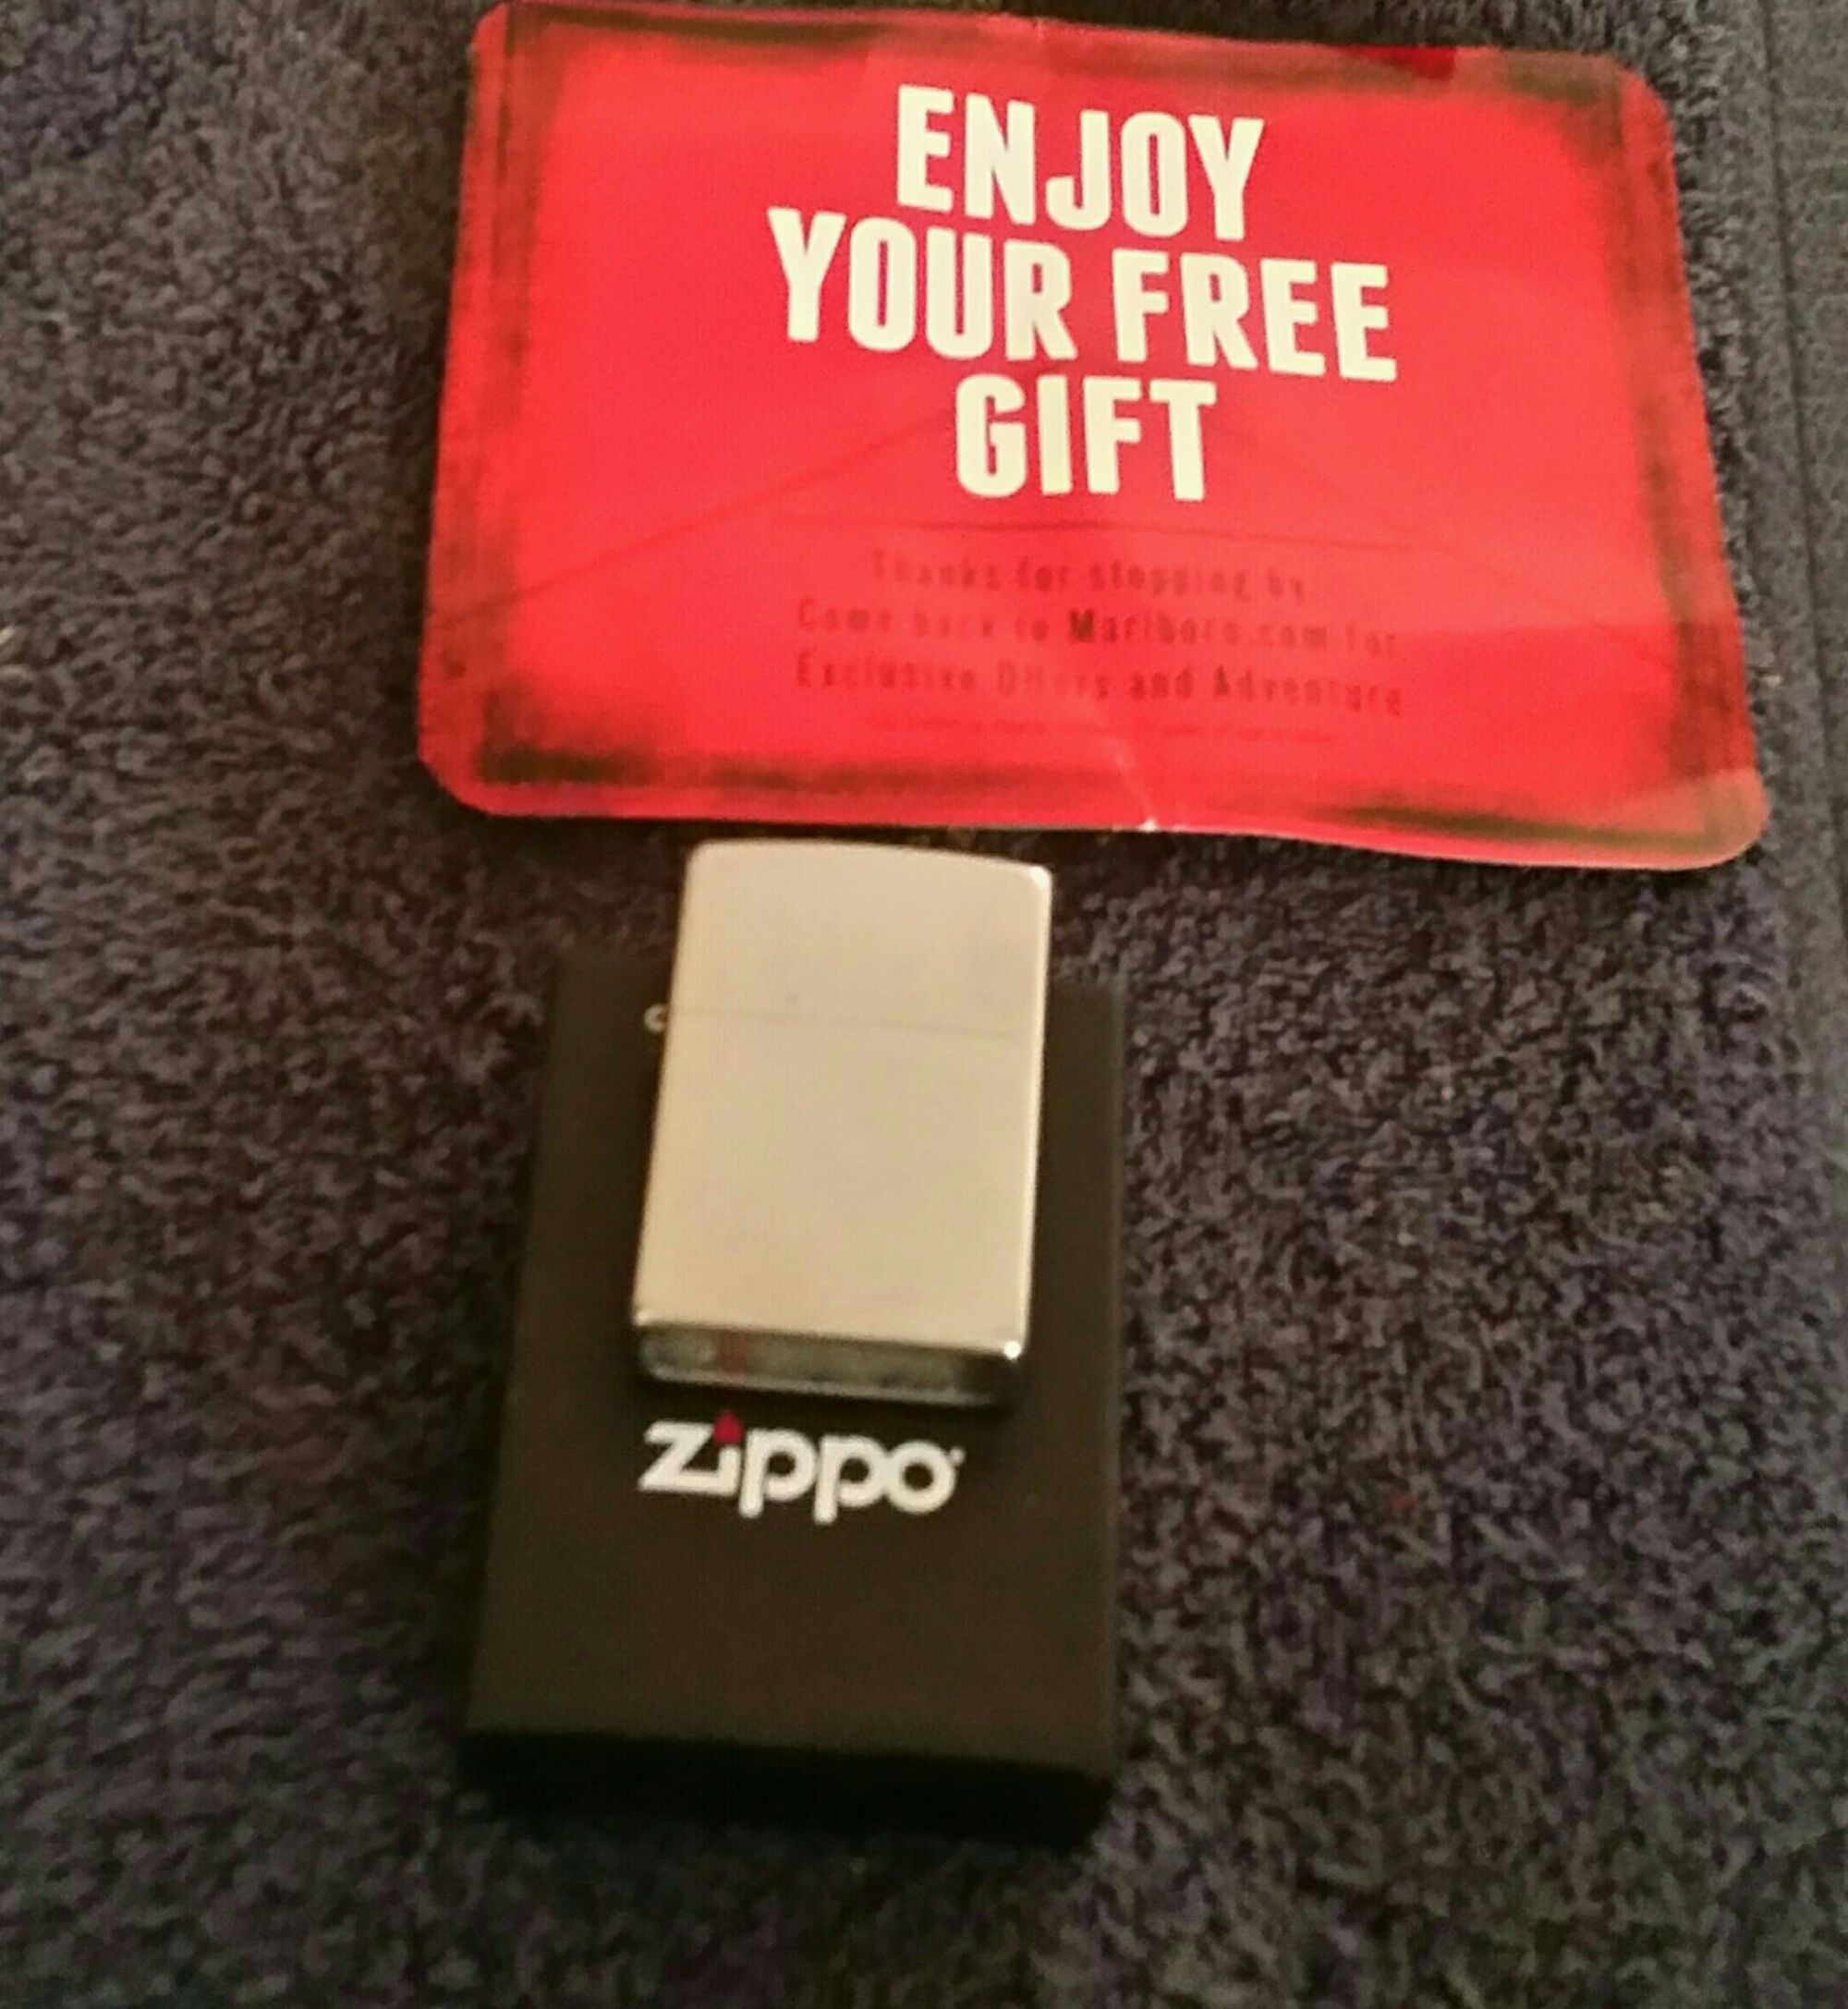 Free marlboro zippo